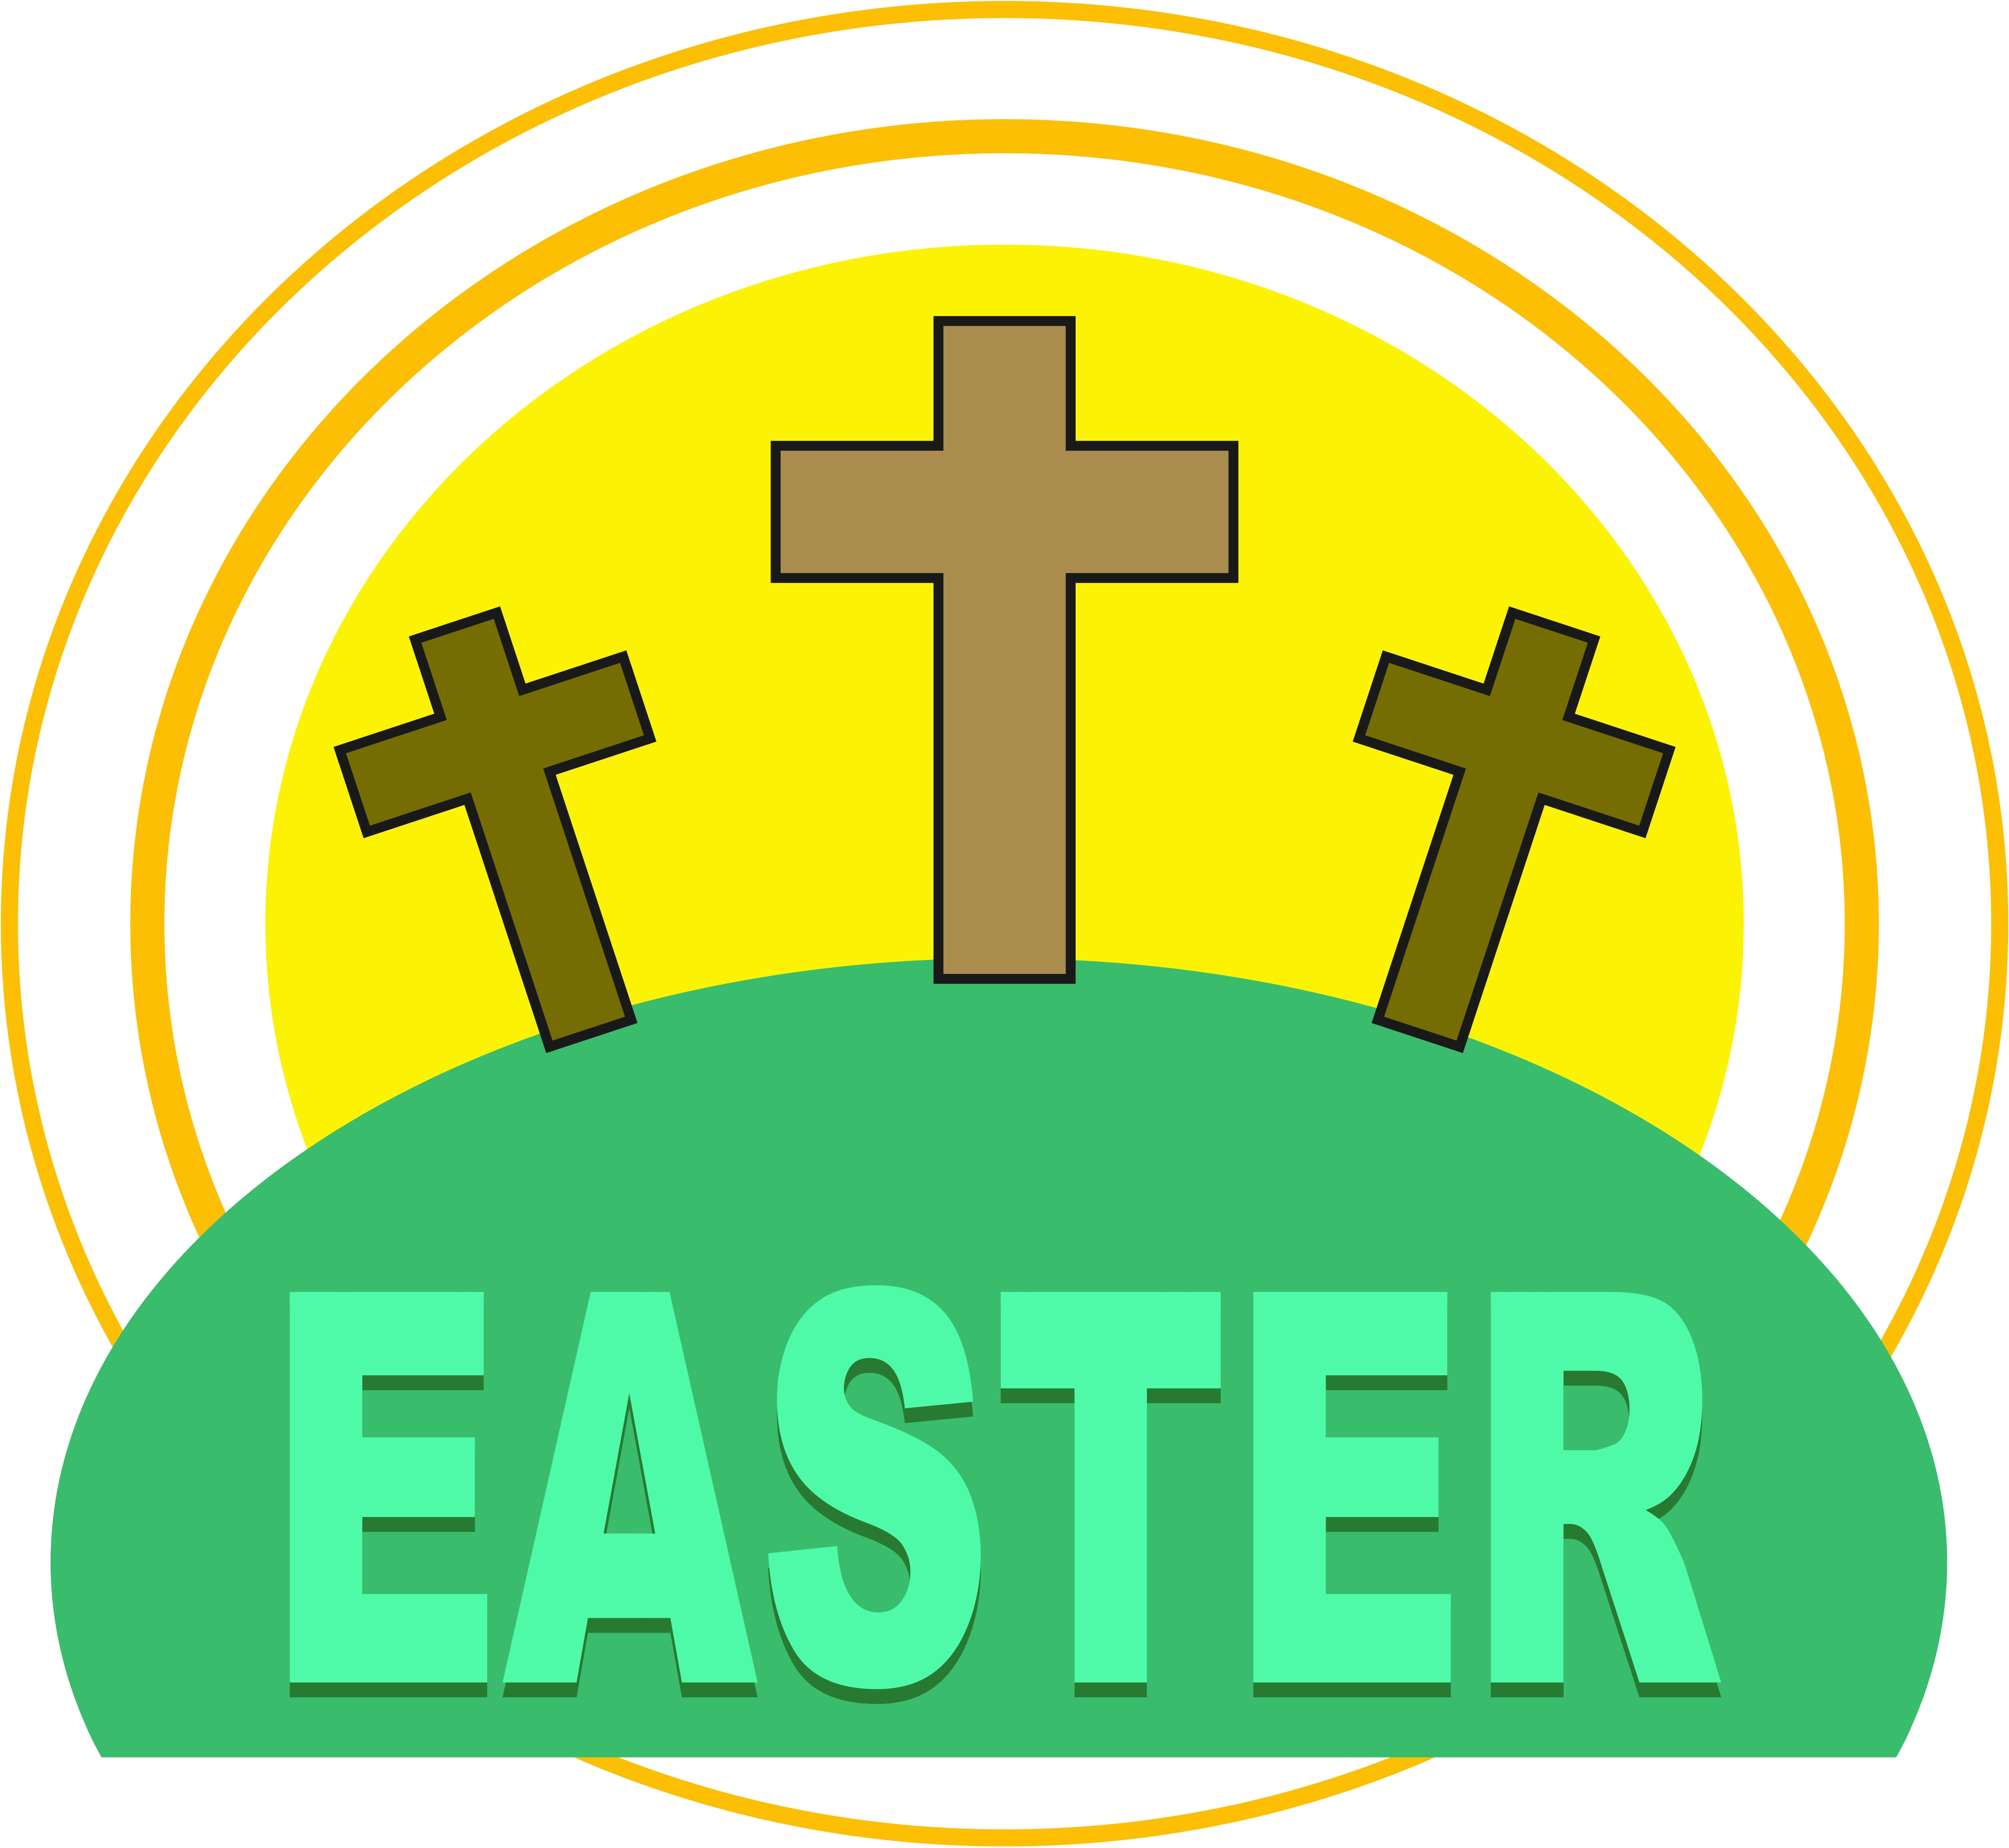 Easter clip art image christian.